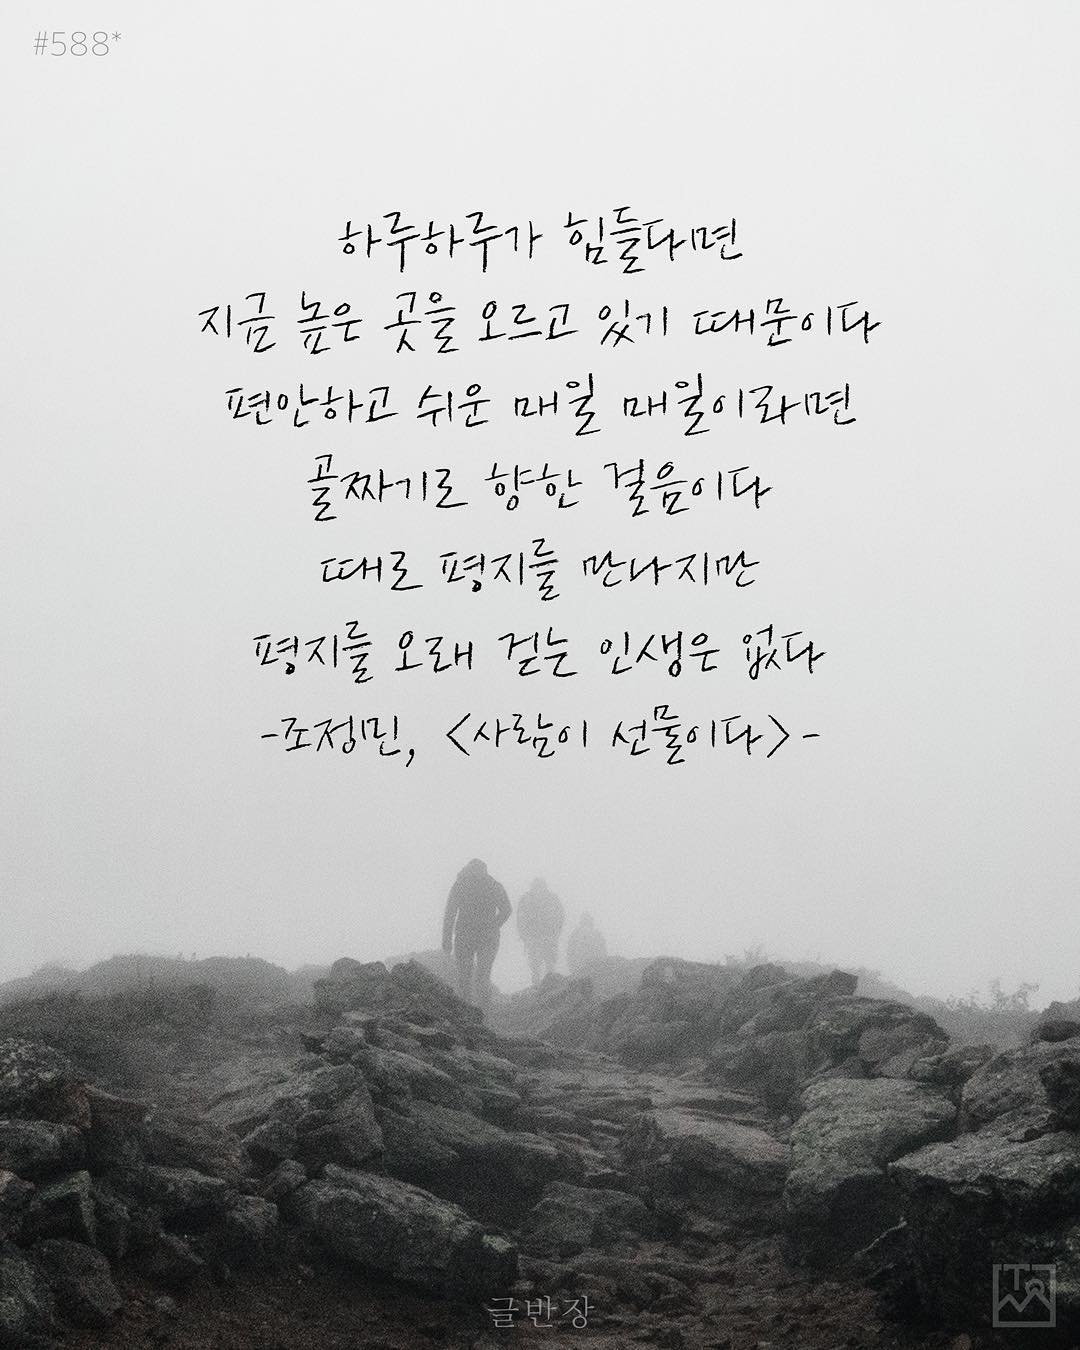 평지를 오래 걷는 인생은 없다 - 조정민, <사람이 선물이다>